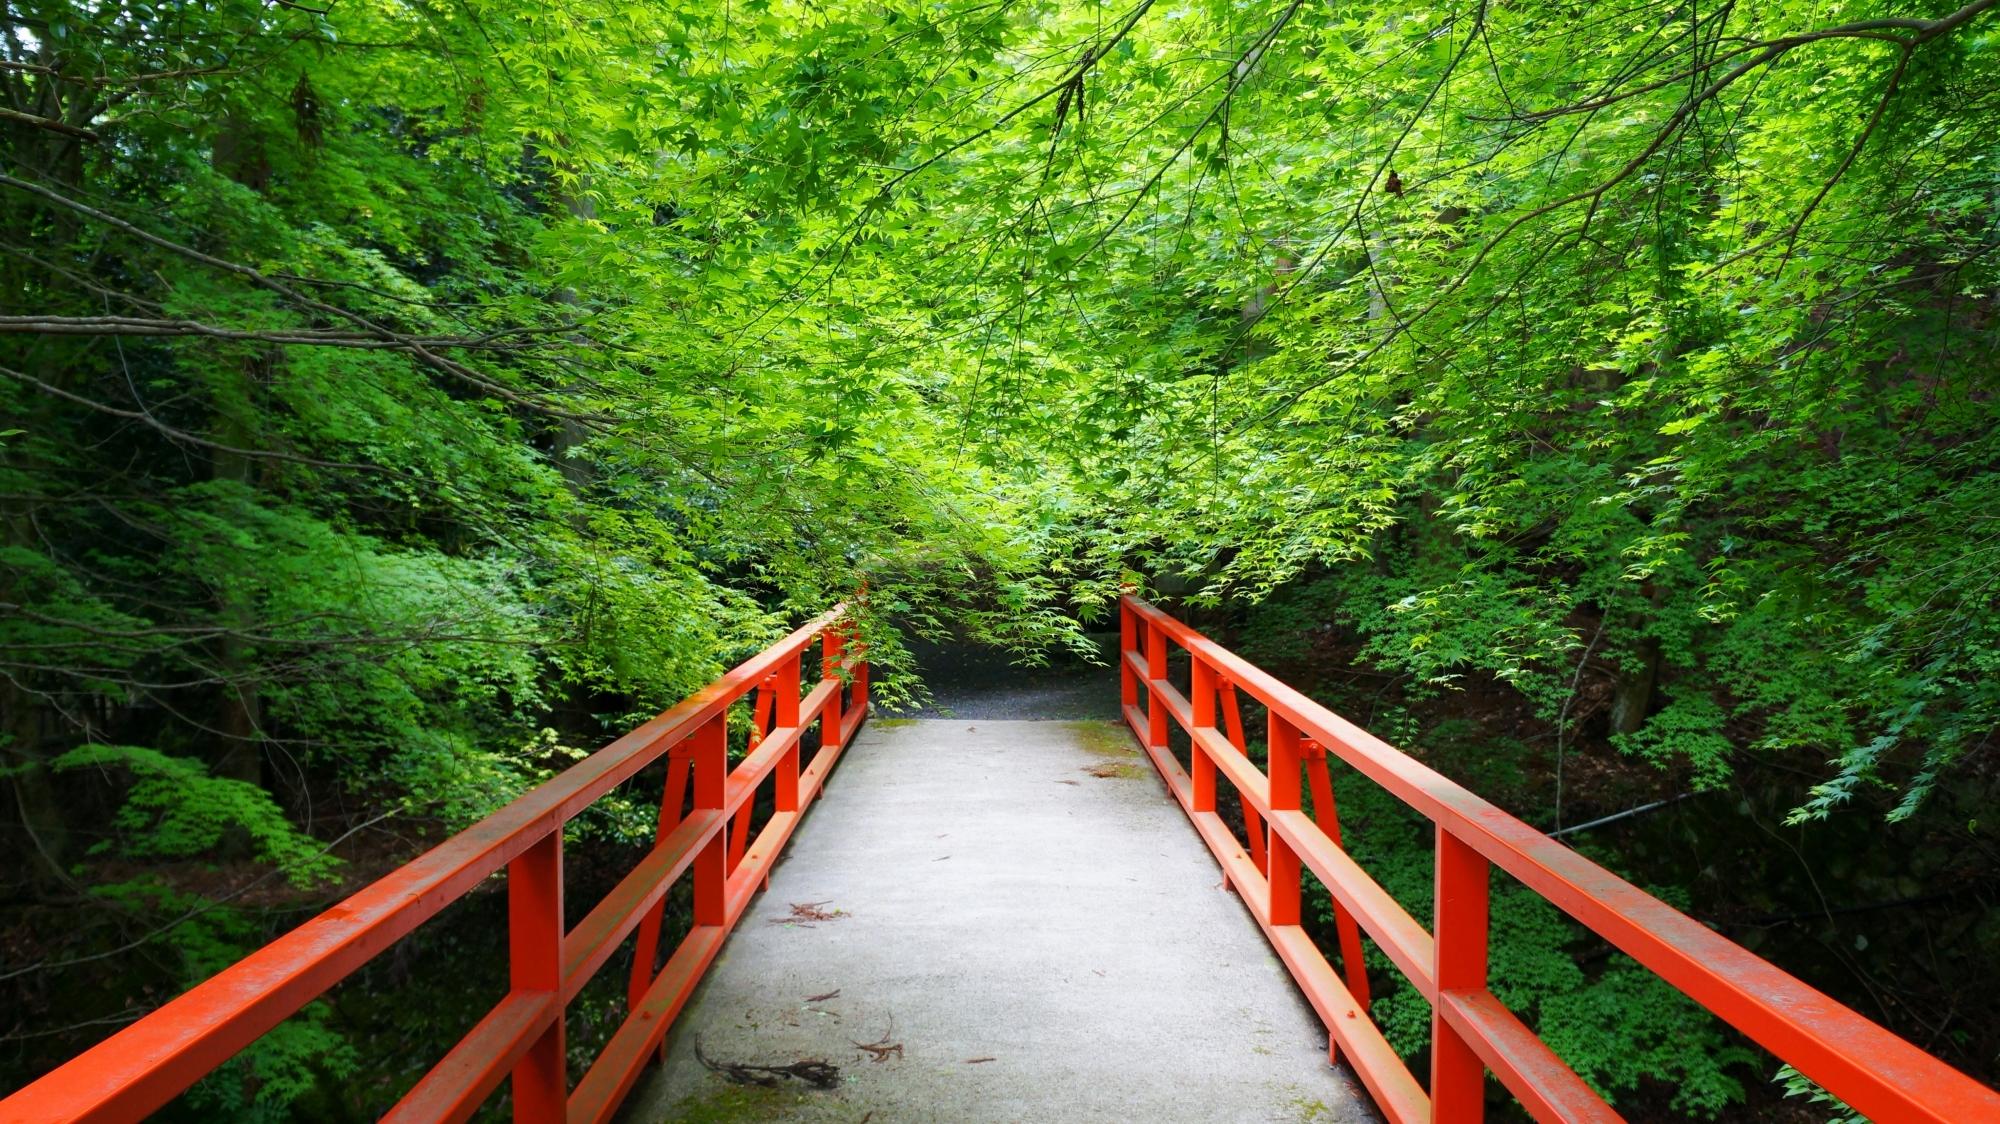 勝手神社 新緑と青もみじ 大原の緑と赤のコントラスト